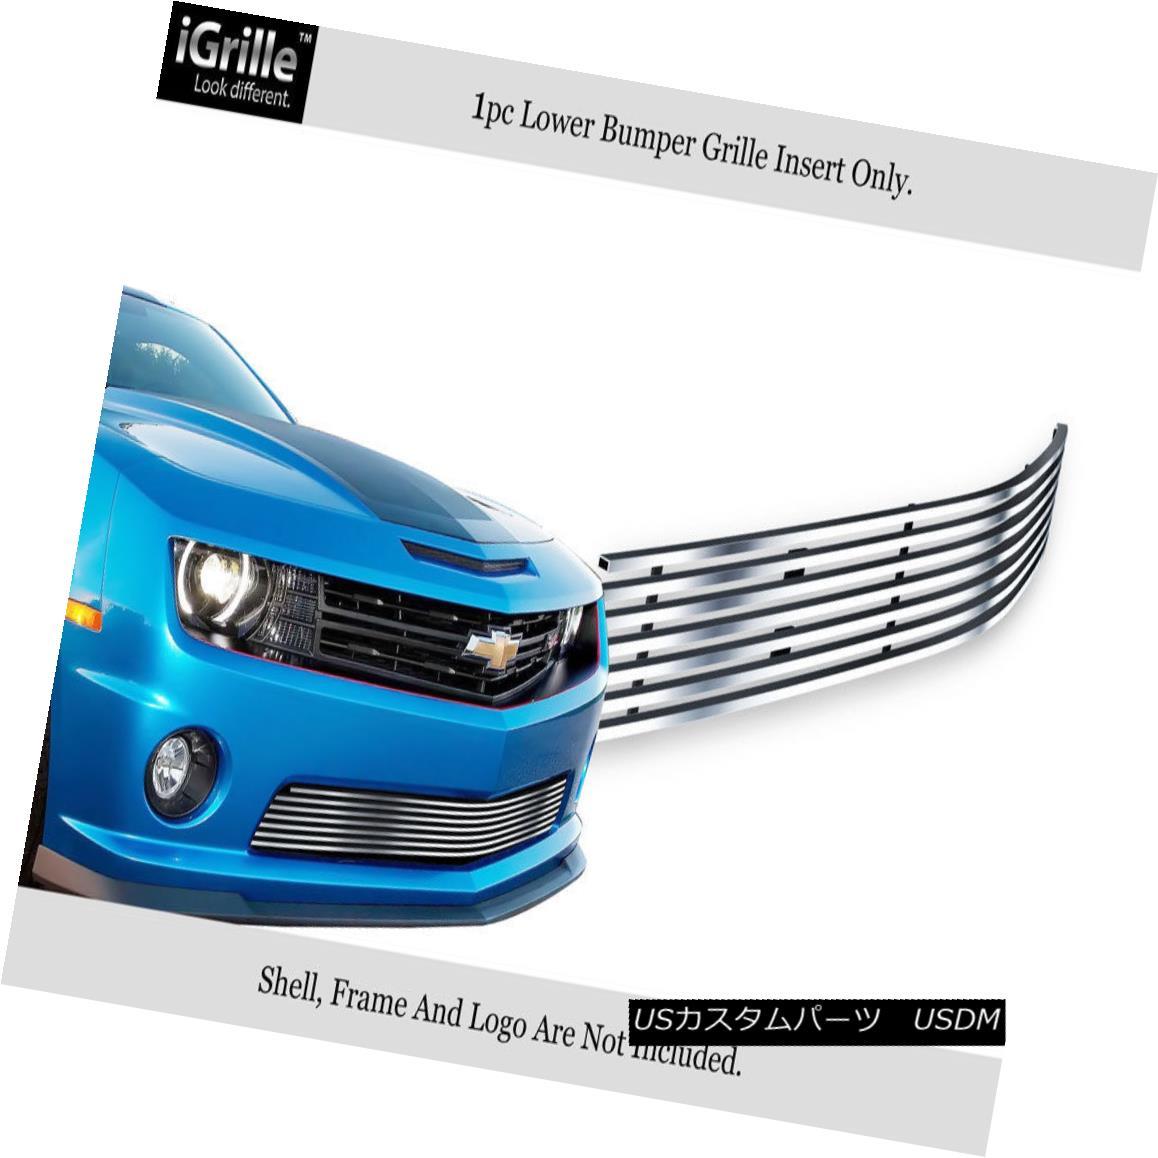 グリル Fits 2010-2013 Chevy Camaro LT/LS V6 Bumper Stainless Steel Billet Grille フィット2010-2013シボレーカマロLT / LS V6バンパーステンレス鋼ビレットグリル